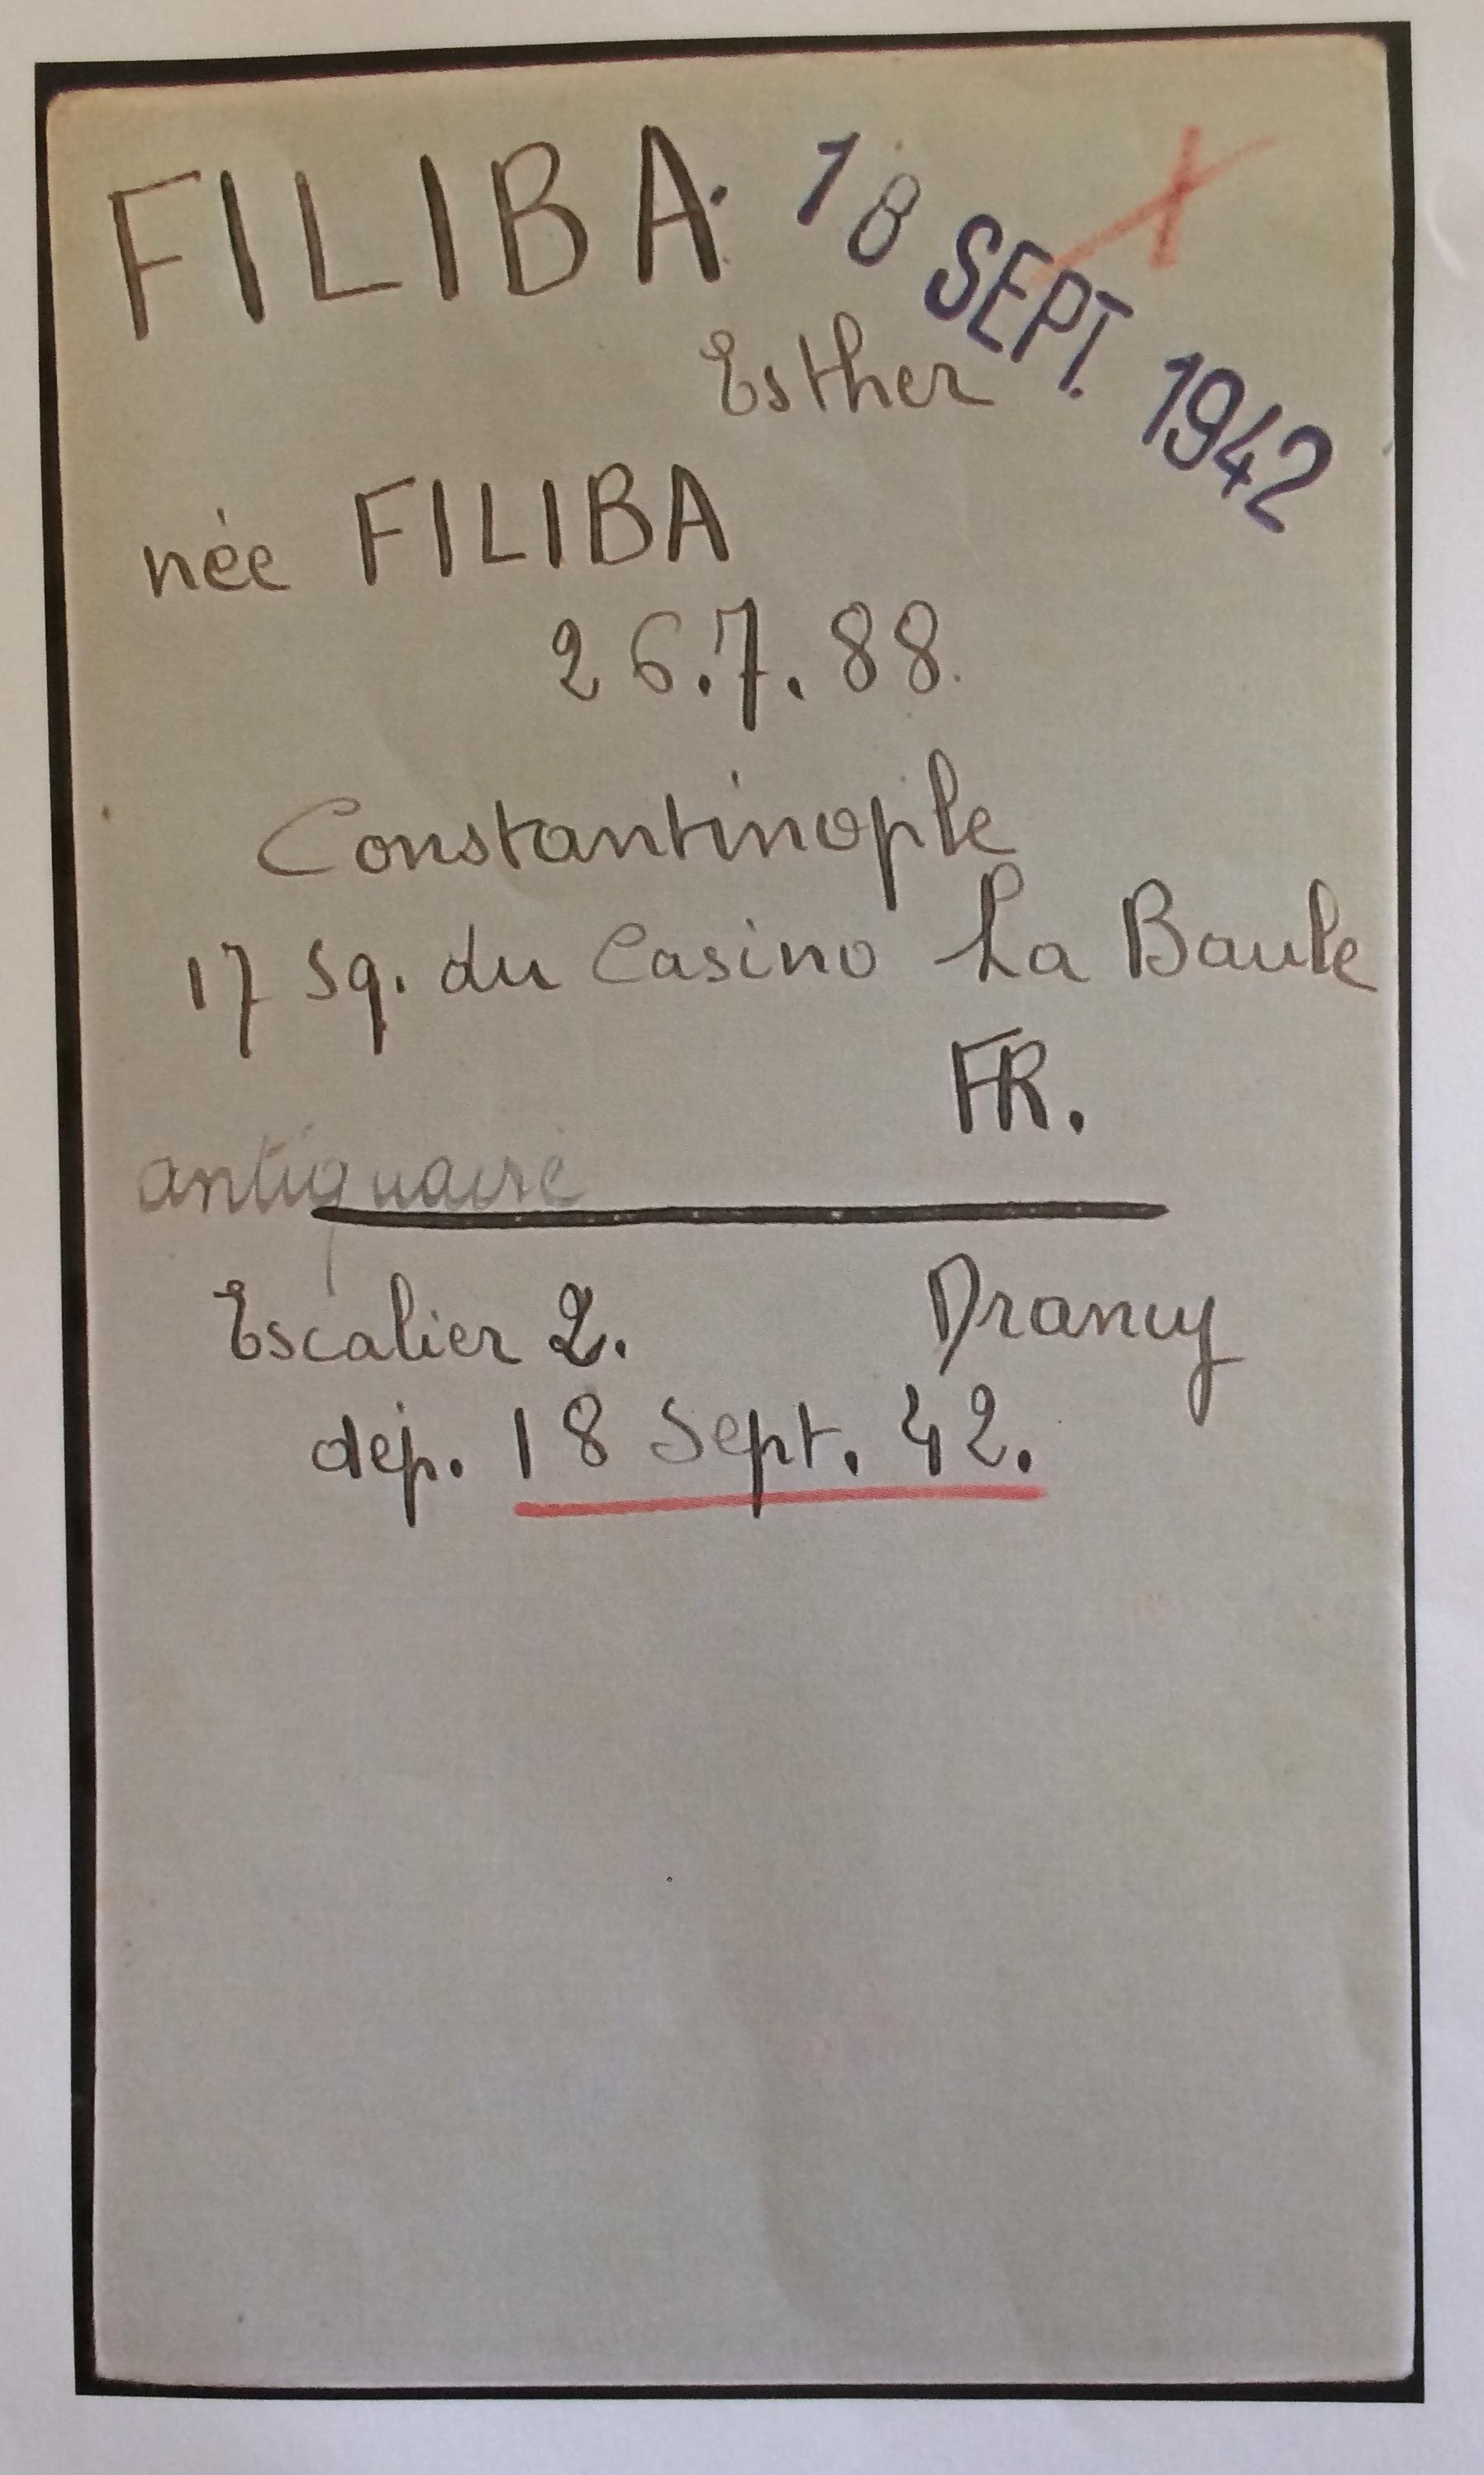 Fiche d'internement camp de Drancy [Archives Nationales, F9/5691]